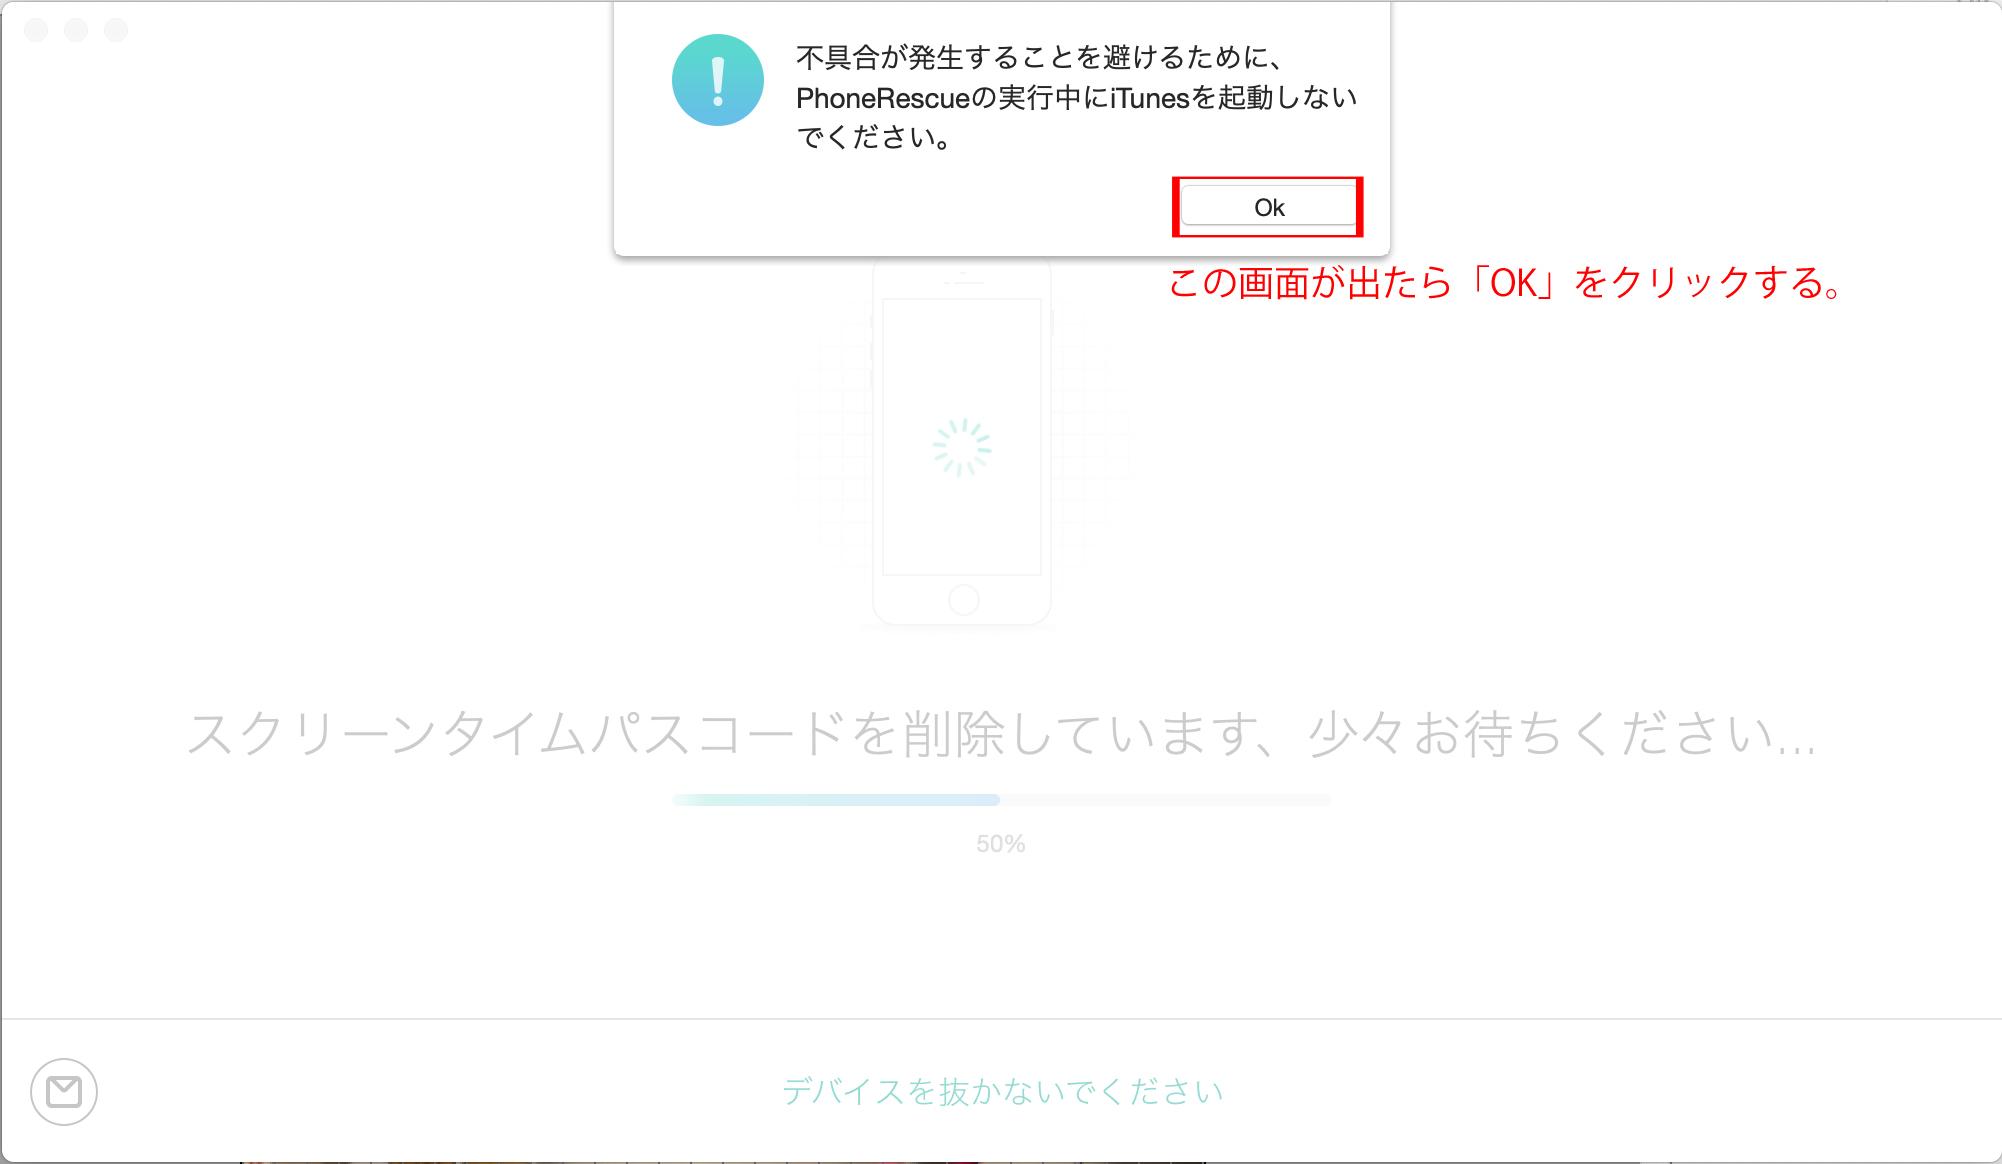 失敗 スクリーン タイム パス コード